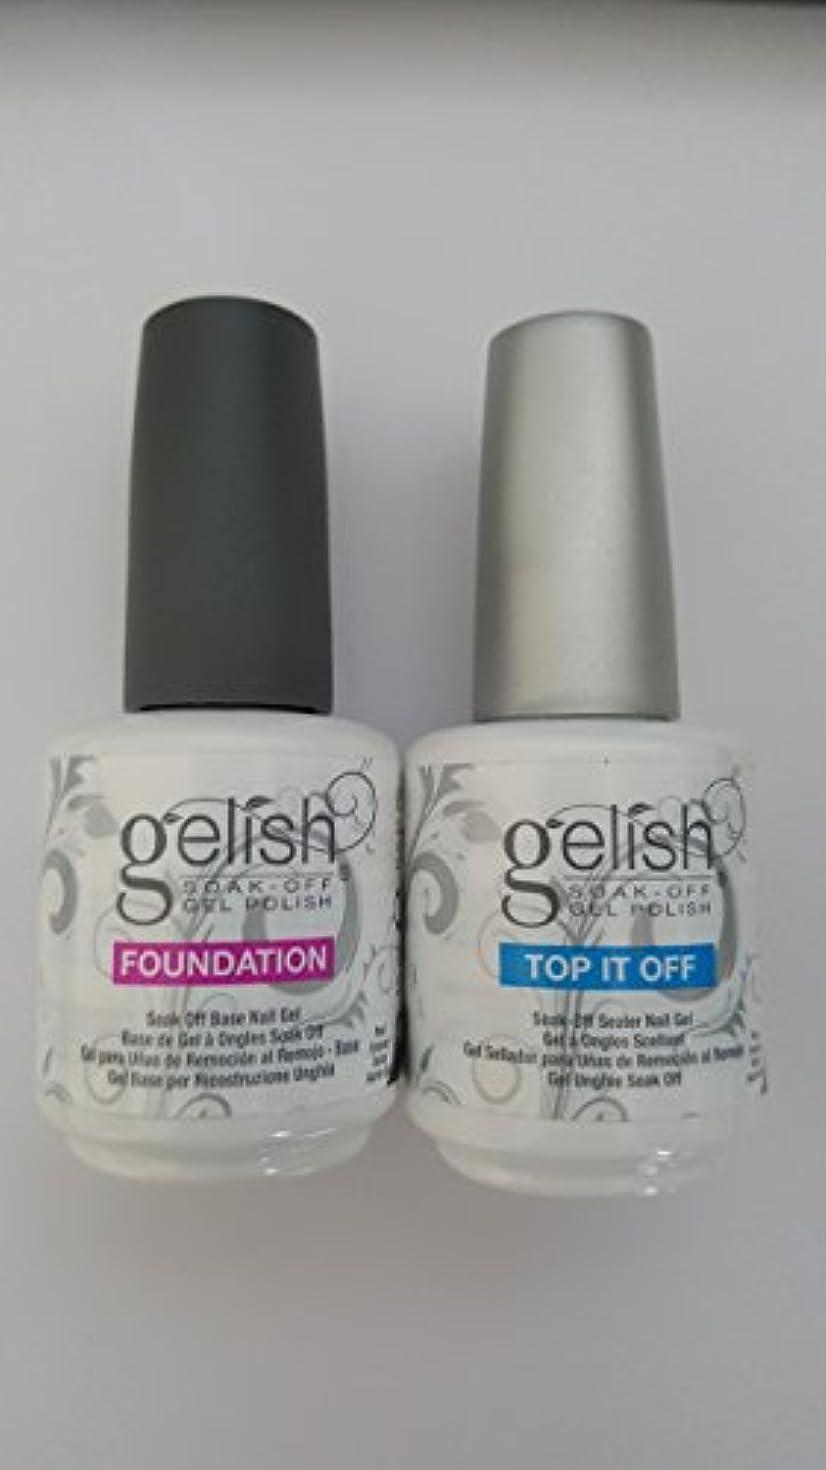 くるみ拡張ハシーHARMONY gelish Top it Off/Foundation( ハーモニー ジェリッシュ ファンデーション ベースジェル &シーラージェル) (15ml)2点セット